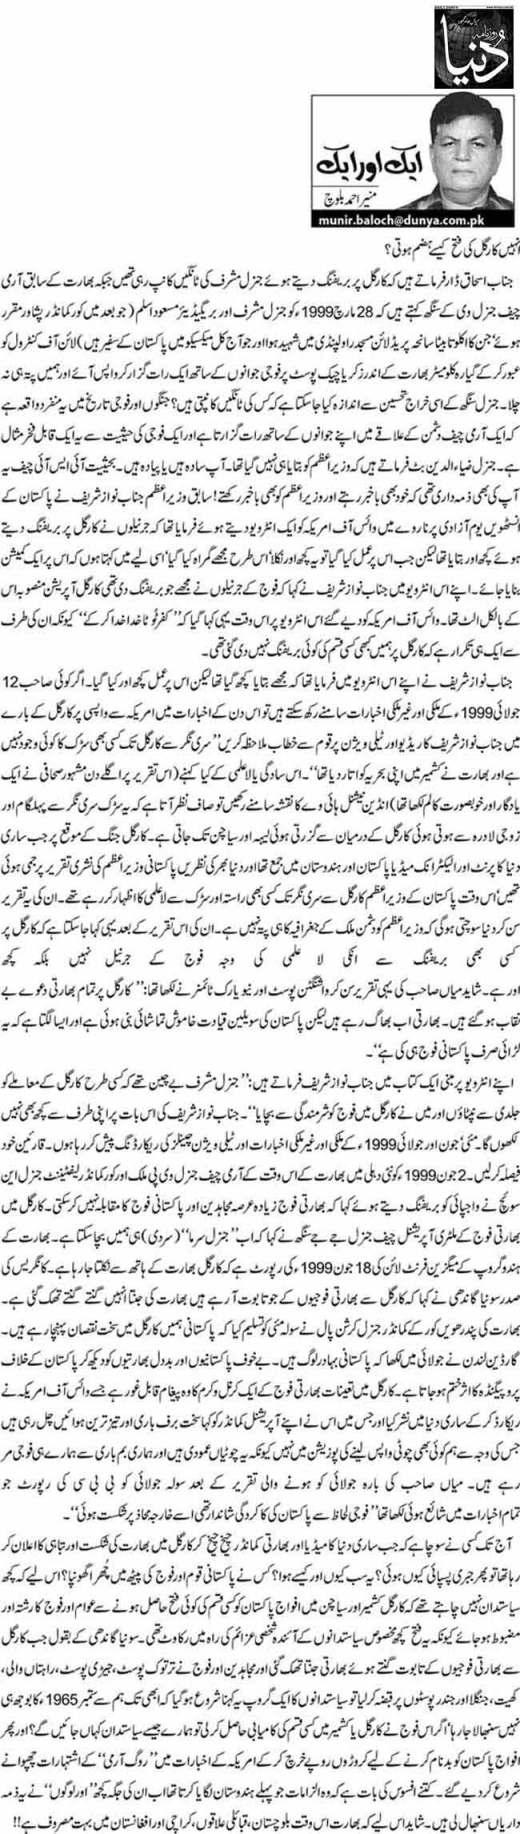 Unhain Kargil ki fatah kaisay hazam hoti? - Munir Ahmed Baloch